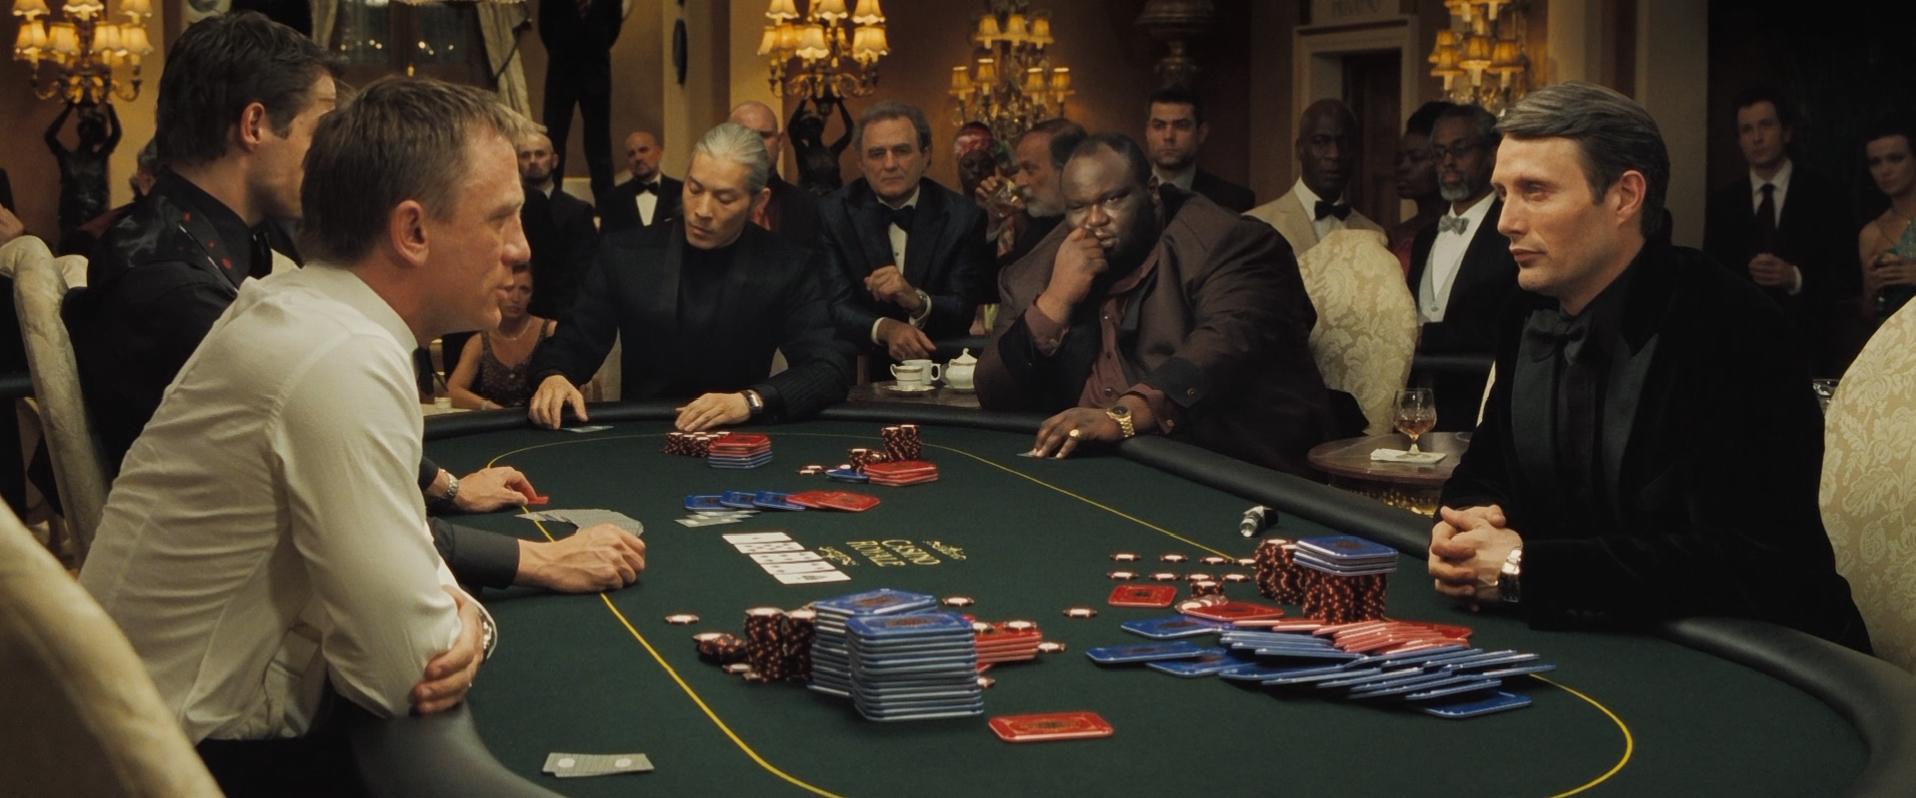 Покер рояль онлайн игровые автоматы играть бесплатно онлайн пираты т